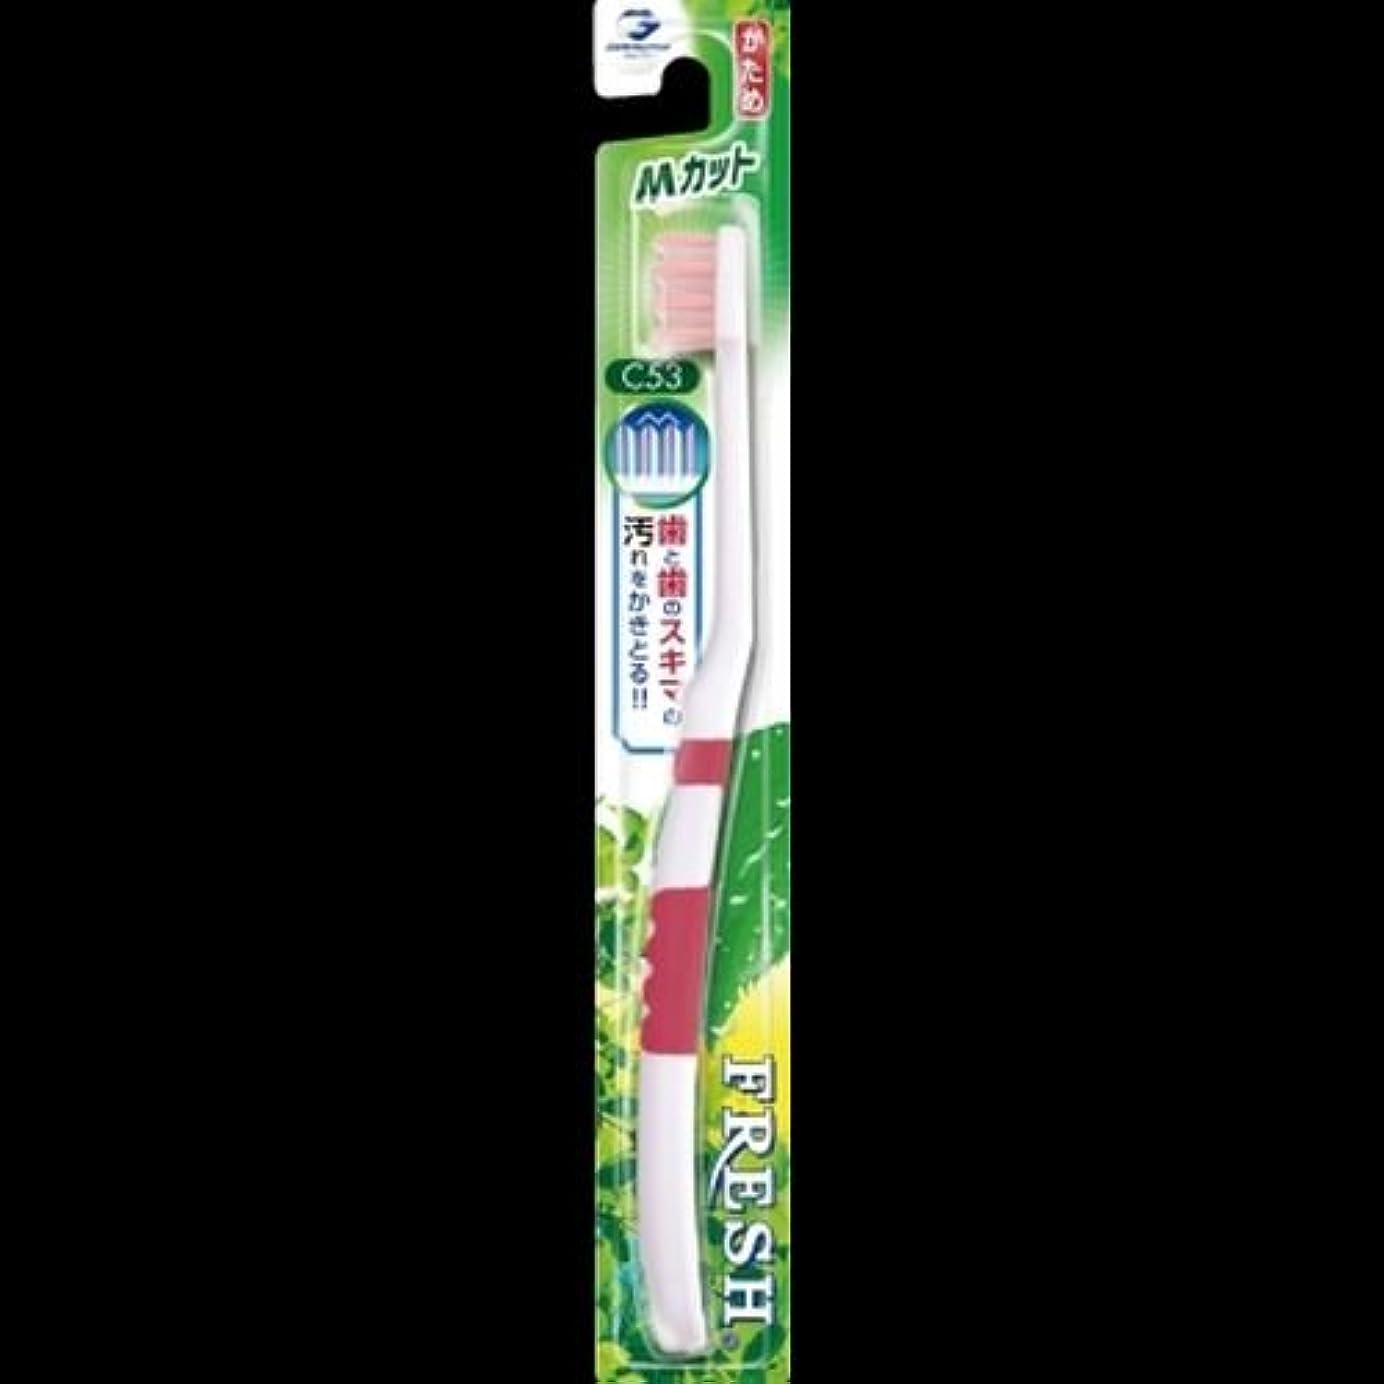 罪悪感艶連帯フレッシュ ハブラシ3 Mカット かため アソート(ホワイト&ブルー?ホワイト&グリーン?ホワイト&ピンク?ホワイト&イエローのうち1色。色はおまかせ) ×2セット